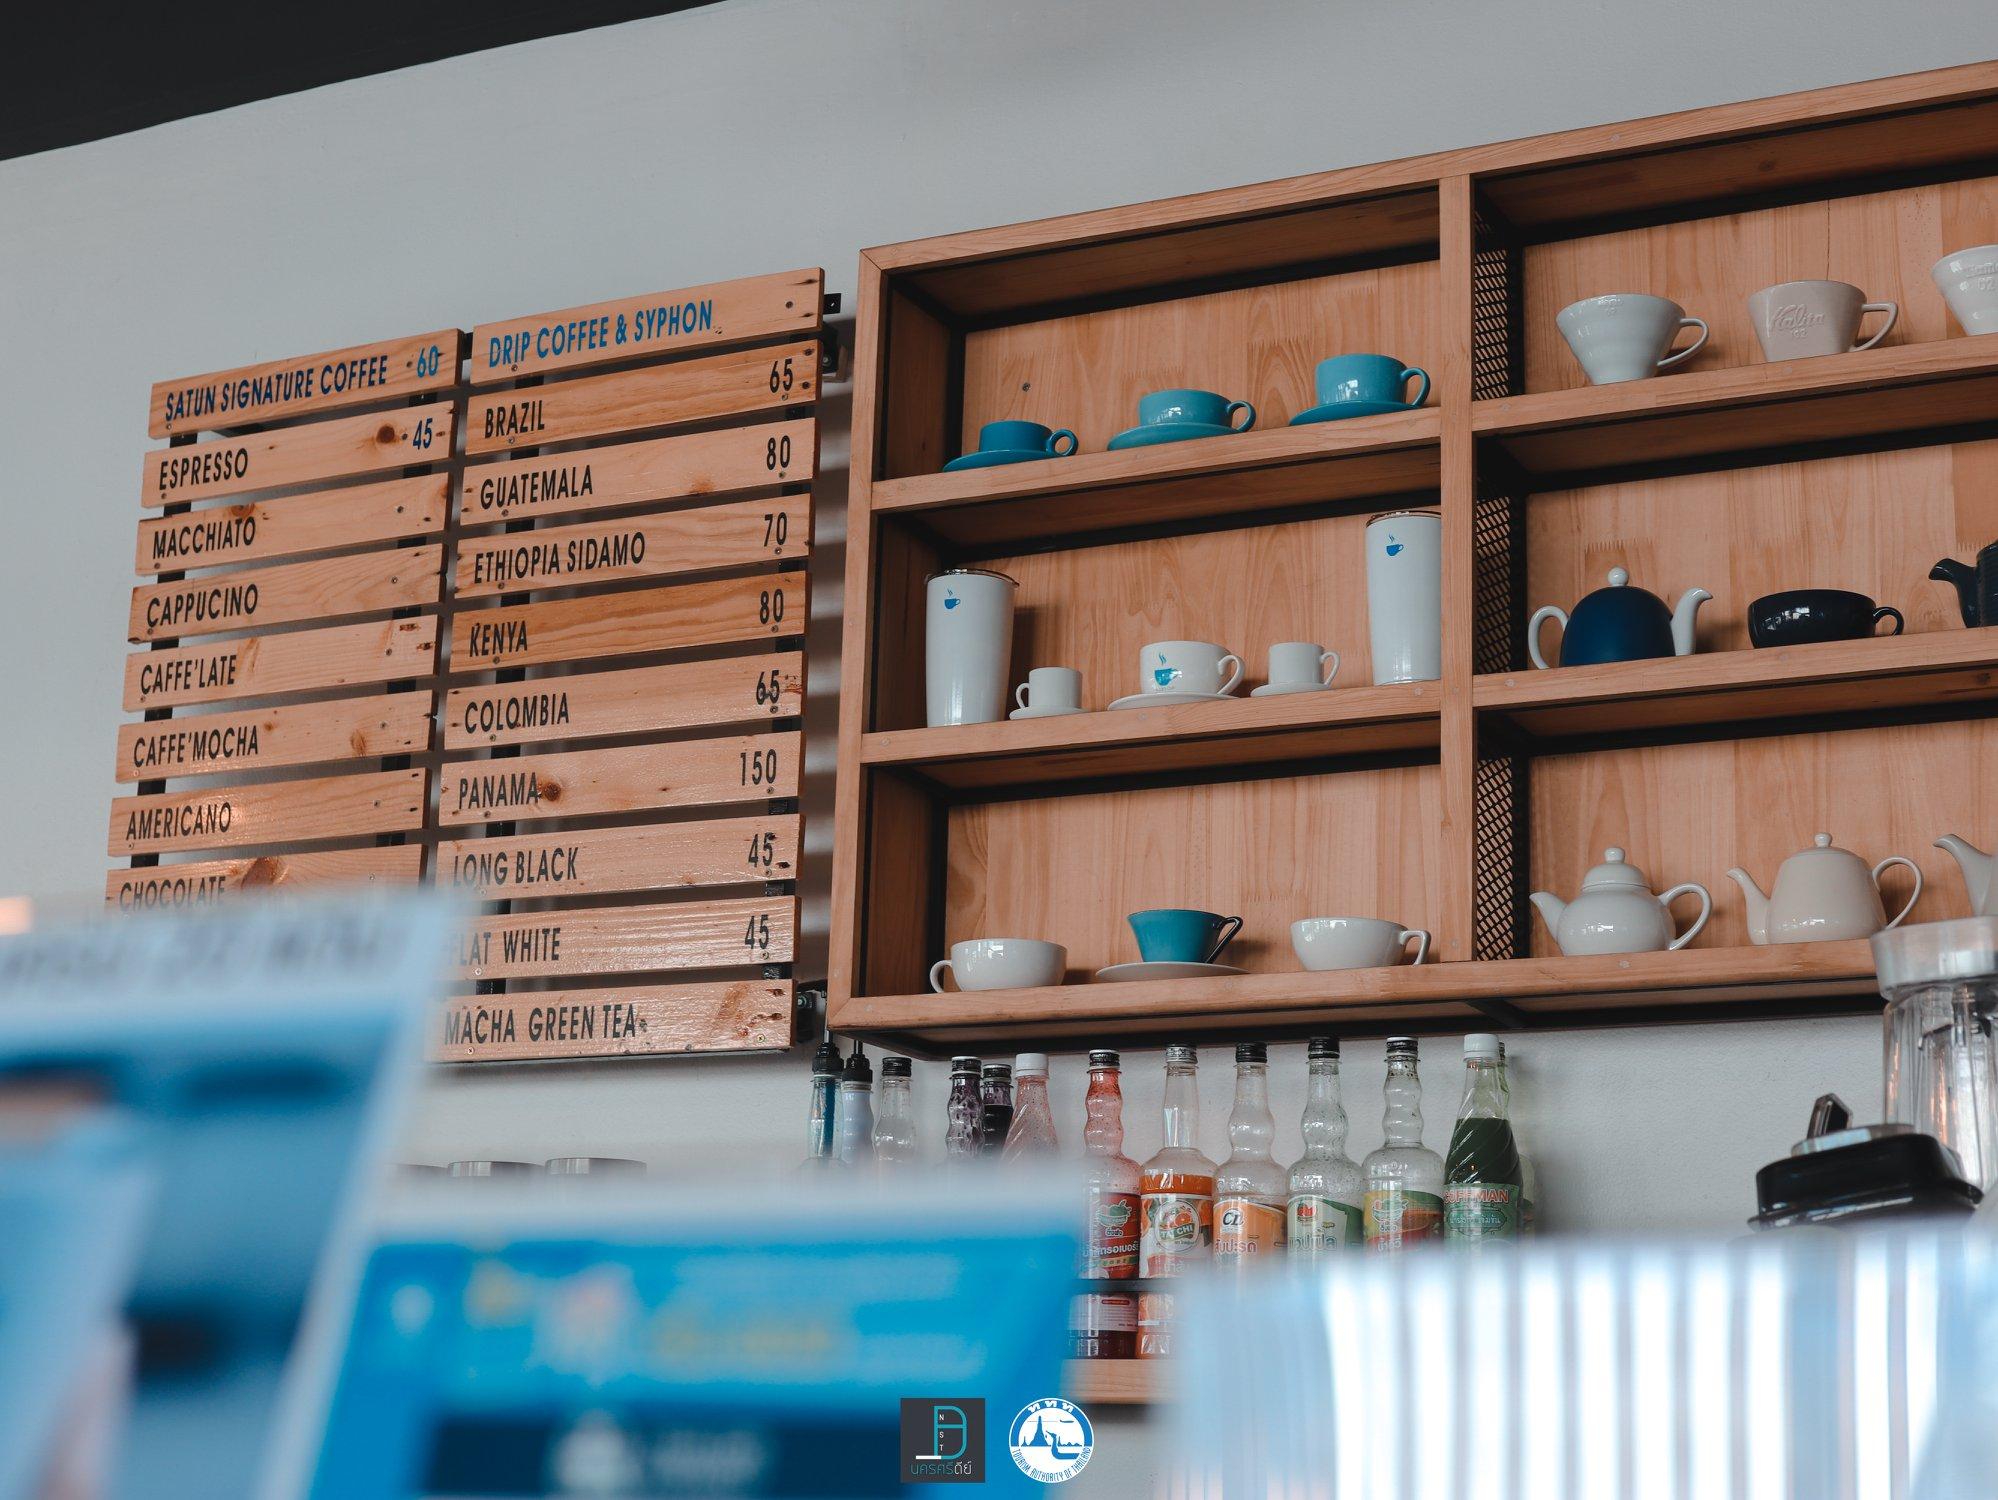 ร้านตกแต่งด้วย โทน Cup เก๋ๆ สไตล์ Blue & White คุมโทนสวยเลยแหละ ใครมาร้านนี้ก็ต้องใส่ชุดขาว หรือสีฟ้าจะสวยเลย (รึปล่าว แอดมั่วๆๆ) 5555คาเฟ่,สตูล,เด็ด,จุดเช็คอิน,อร่อย,ร้านอาหาร,จุดถ่ายรูป,สถานที่ท่องเที่ยว